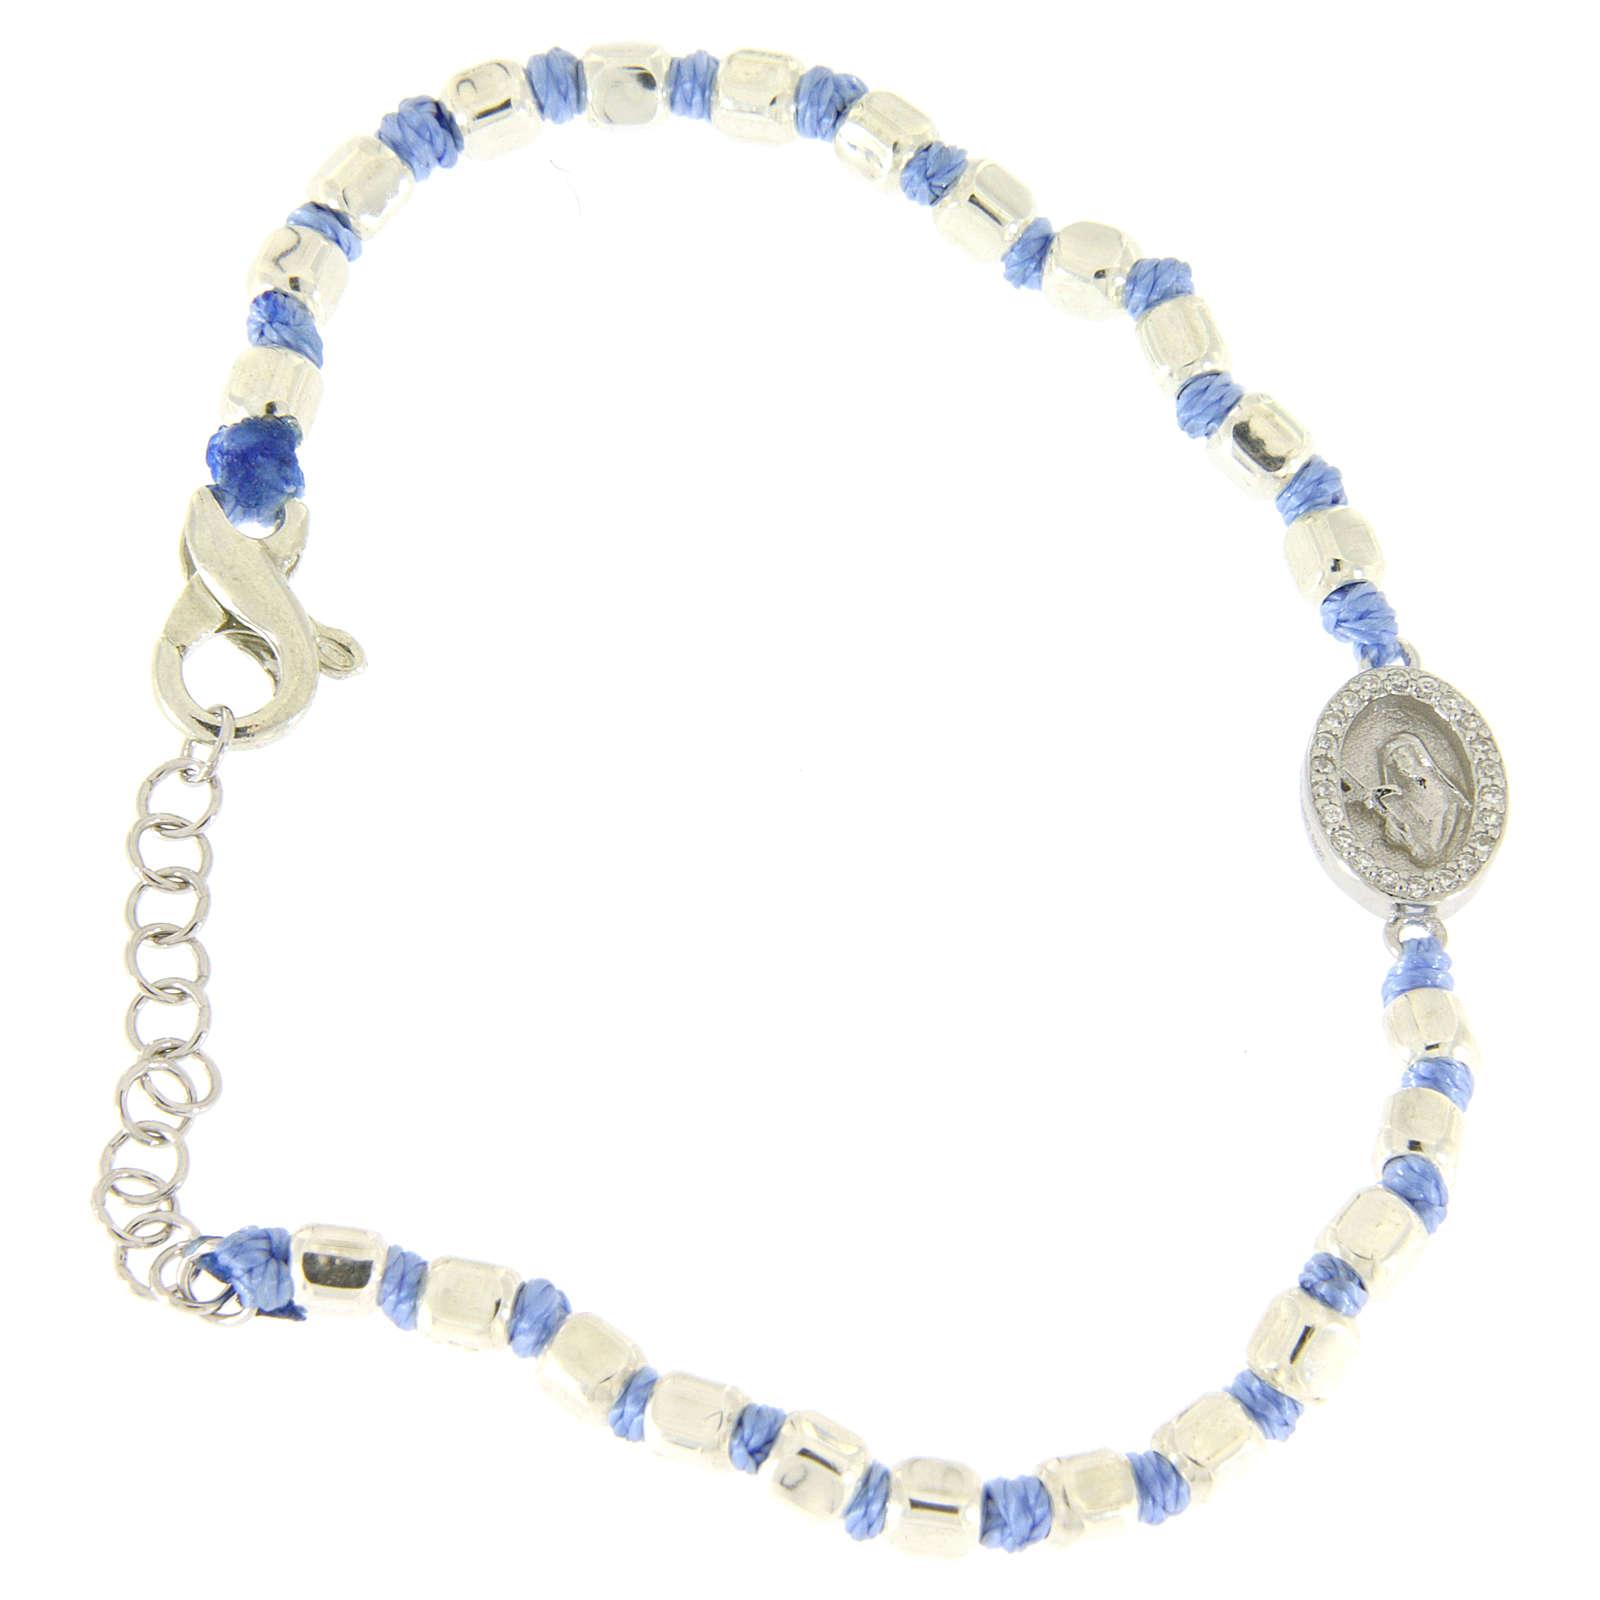 Pulsera esferas talladas plata 2 mm cruz azul algodón S. Rita zircones blancos 4